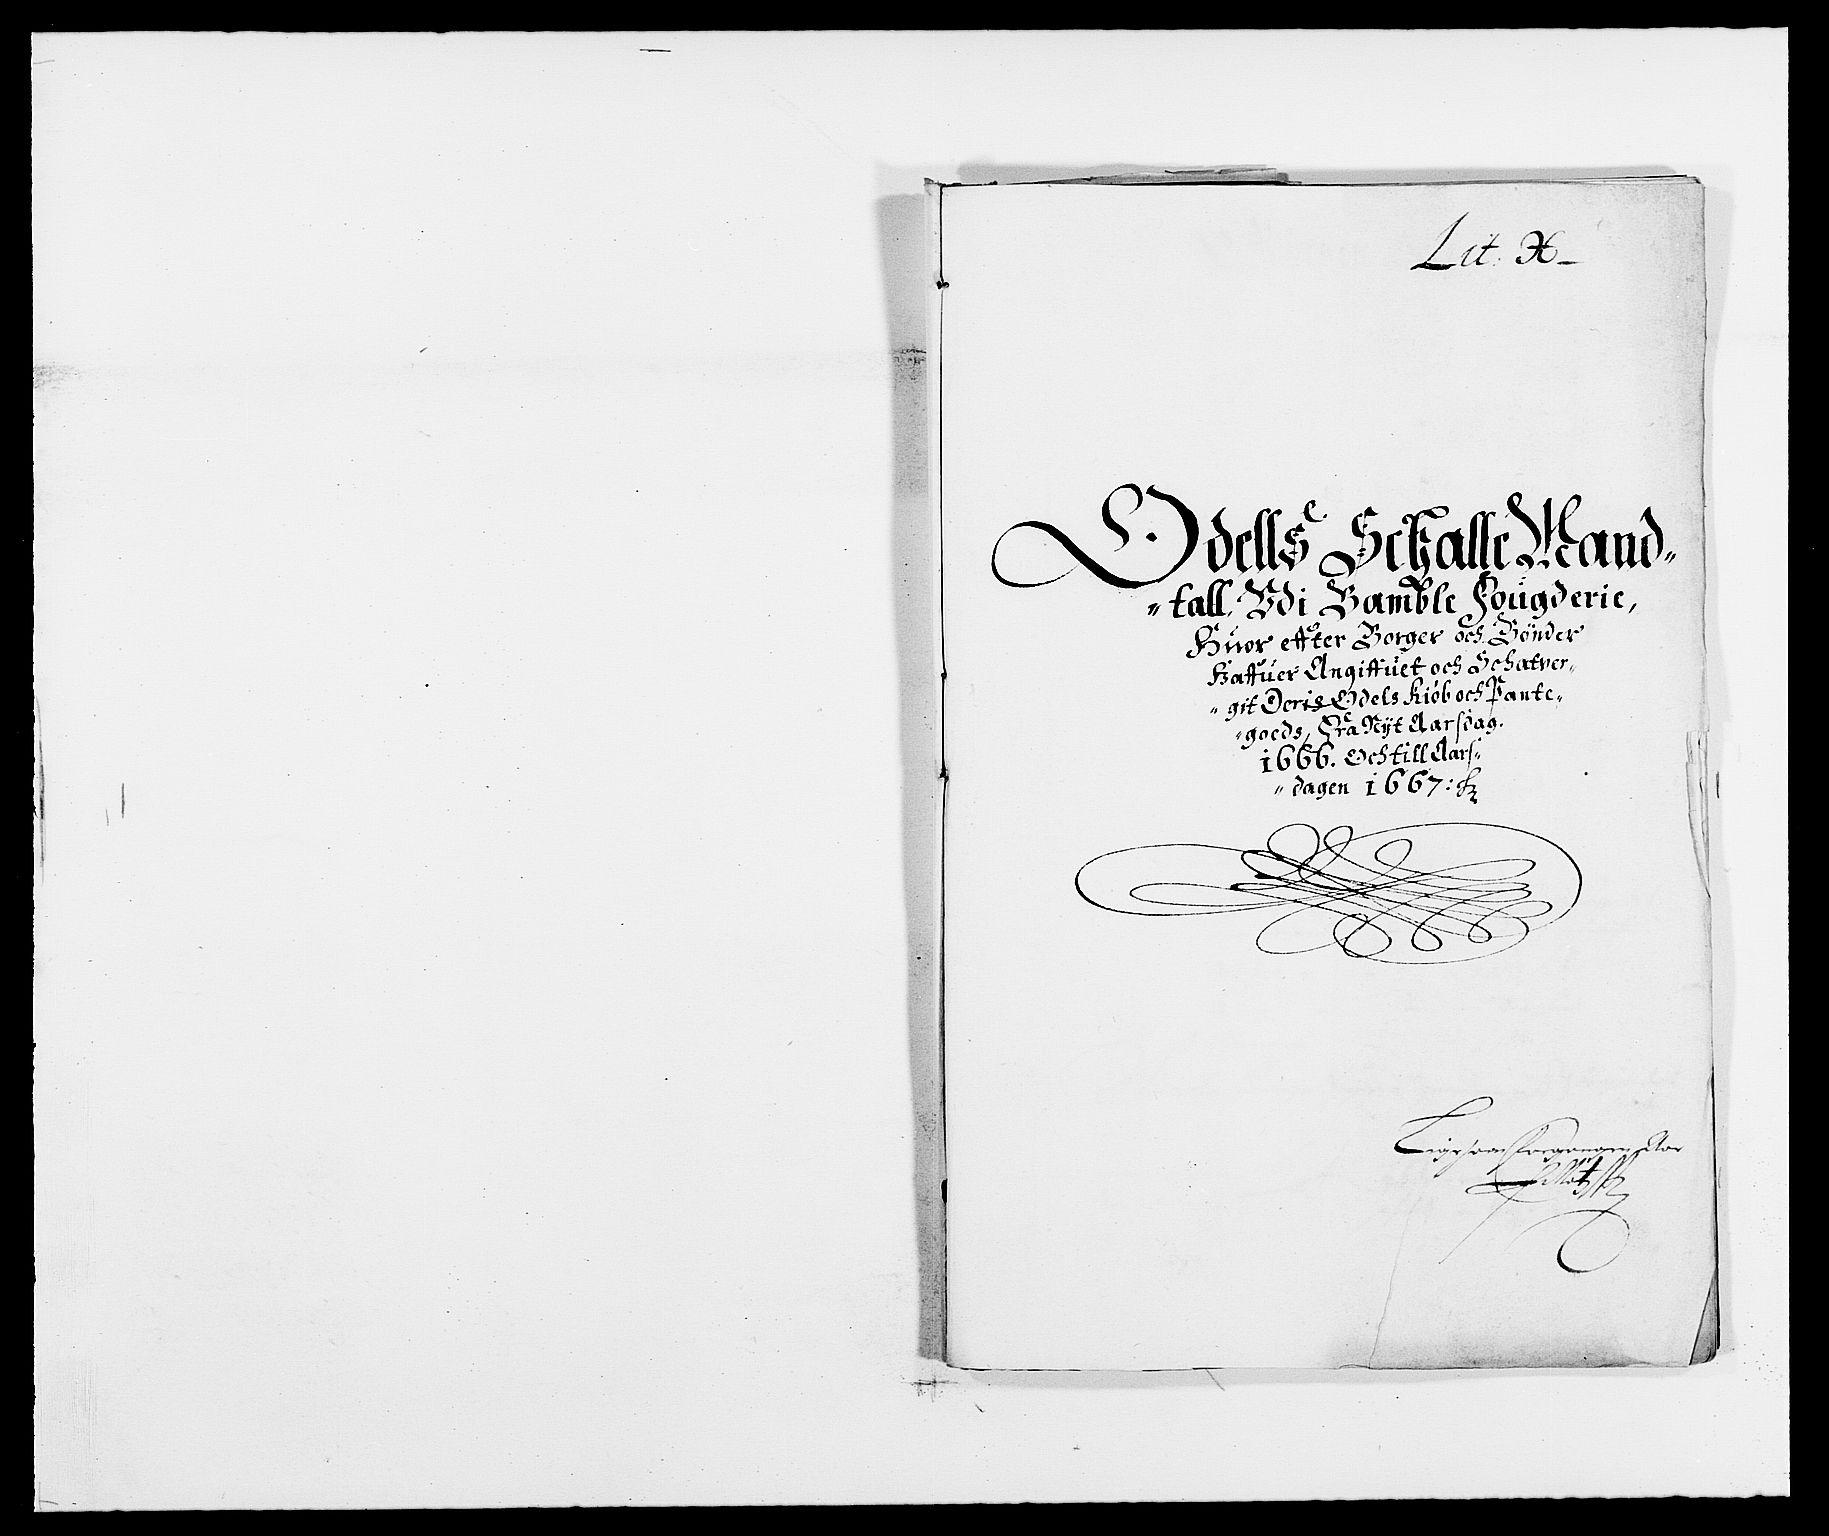 RA, Rentekammeret inntil 1814, Reviderte regnskaper, Fogderegnskap, R34/L2039: Fogderegnskap Bamble, 1662-1669, s. 76